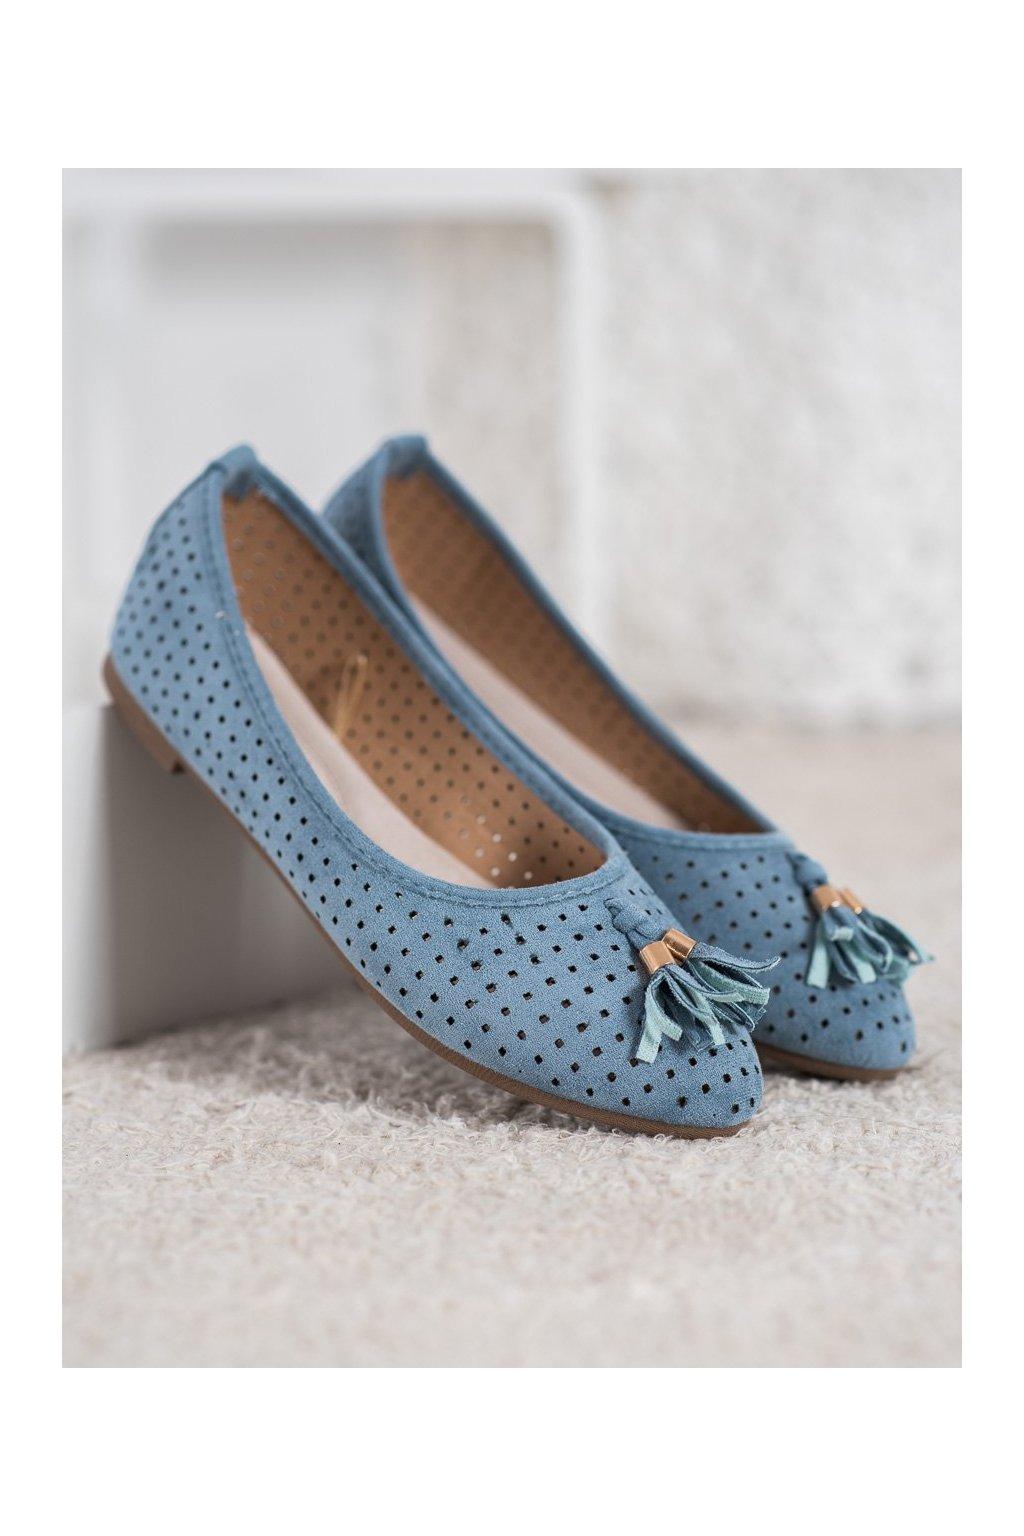 Modré dámske balerínky Vinceza kod BOB20-18018BL